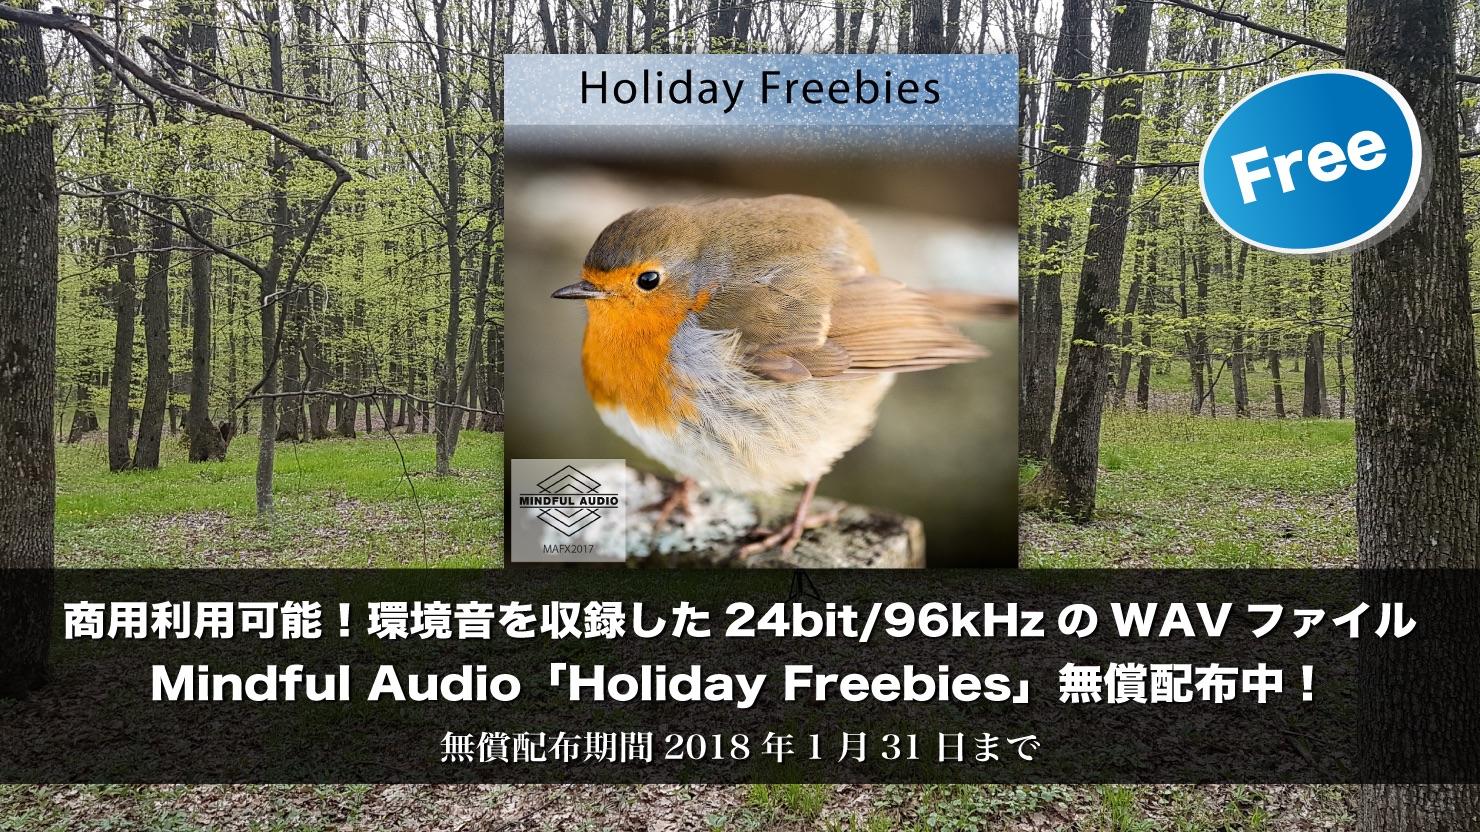 【期間限定・無料】商用利用可能!環境音を収録した24bit/96kHzのWAVファイルが約3GB!Mindful Audio「Holiday Freebies」無償配布中!